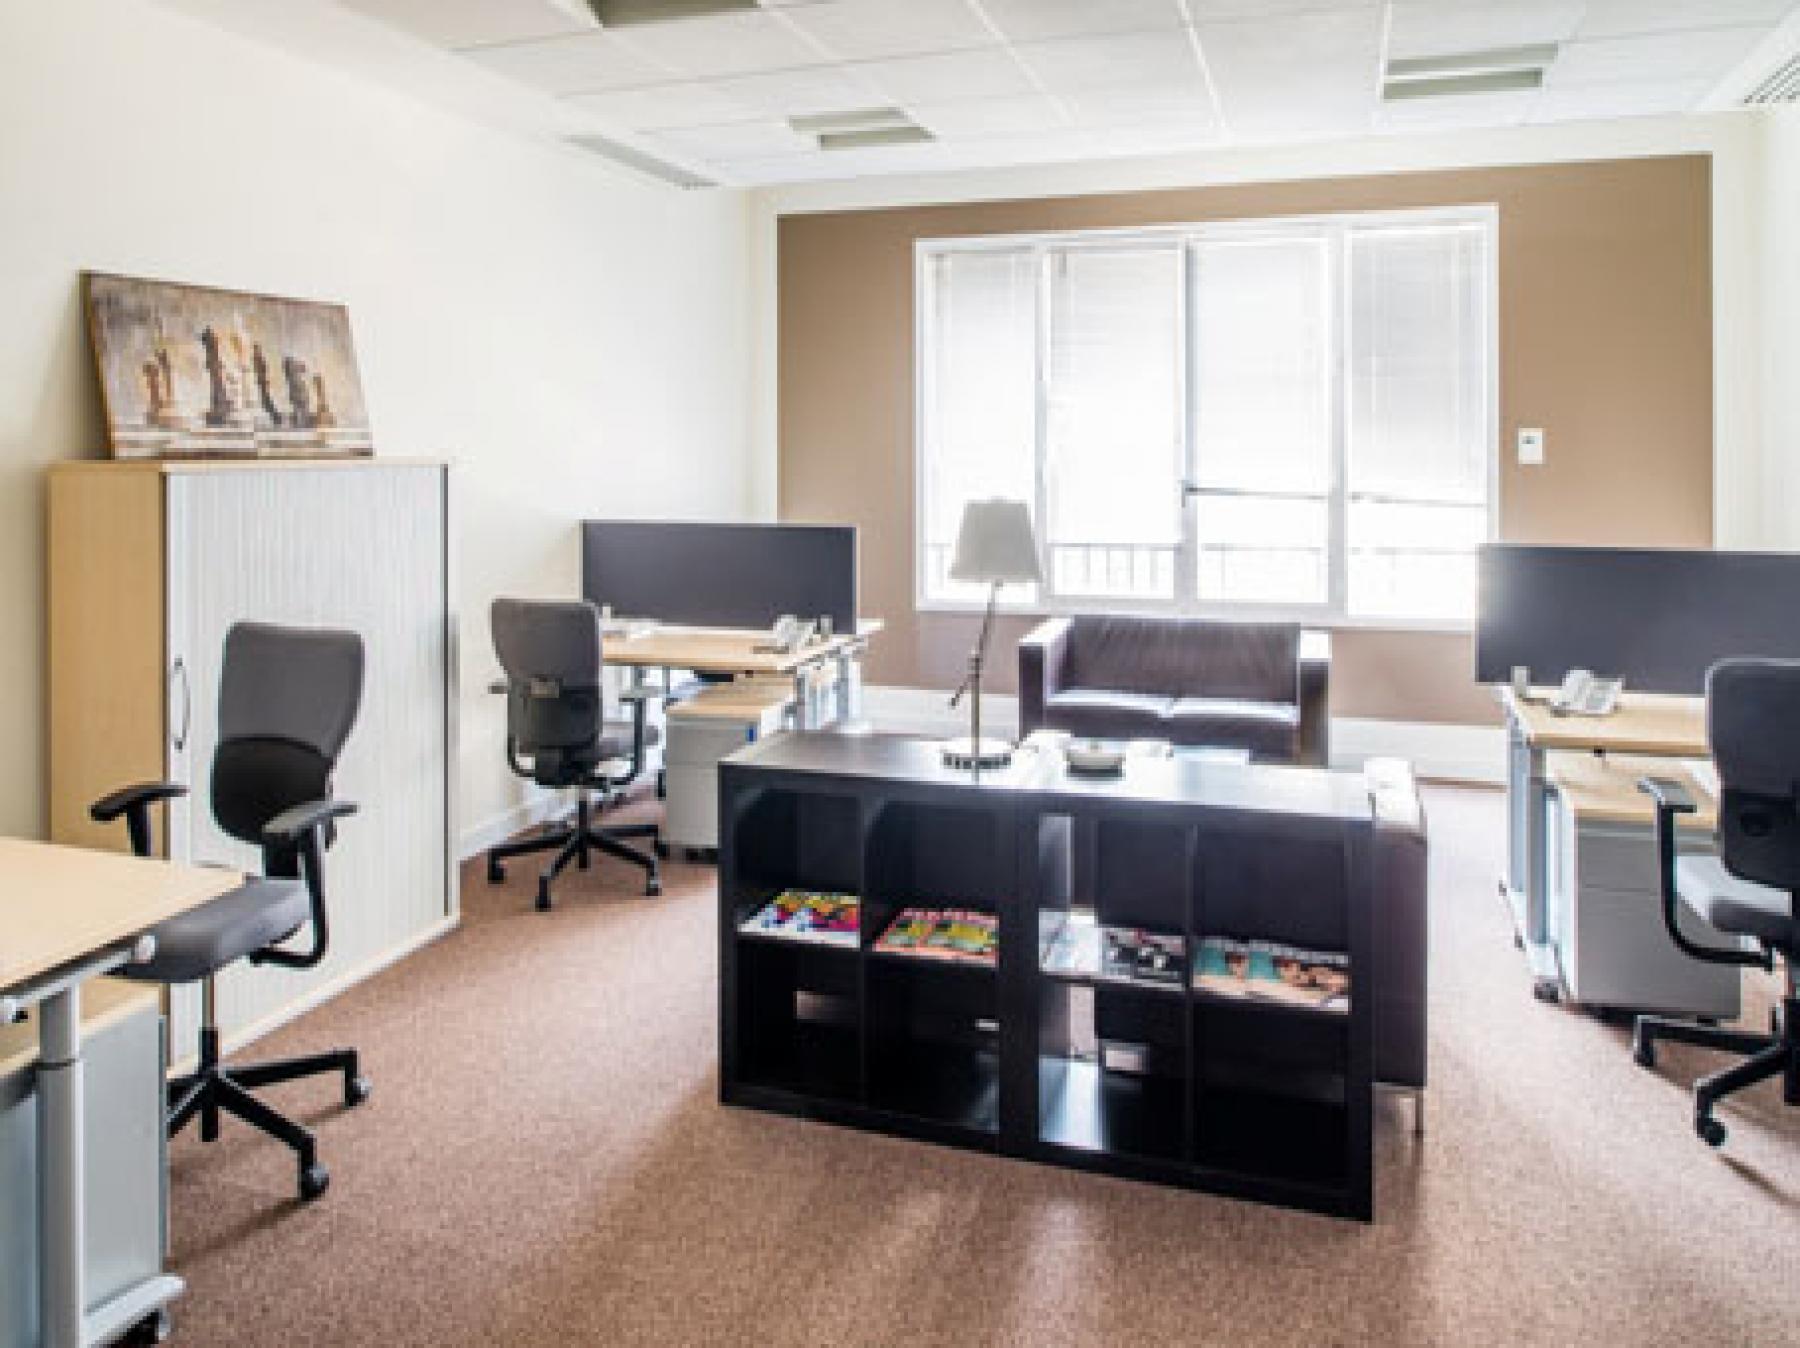 Démarrer vos projets dans cet espace de bureau confortable à l'avenue de l'Opéra